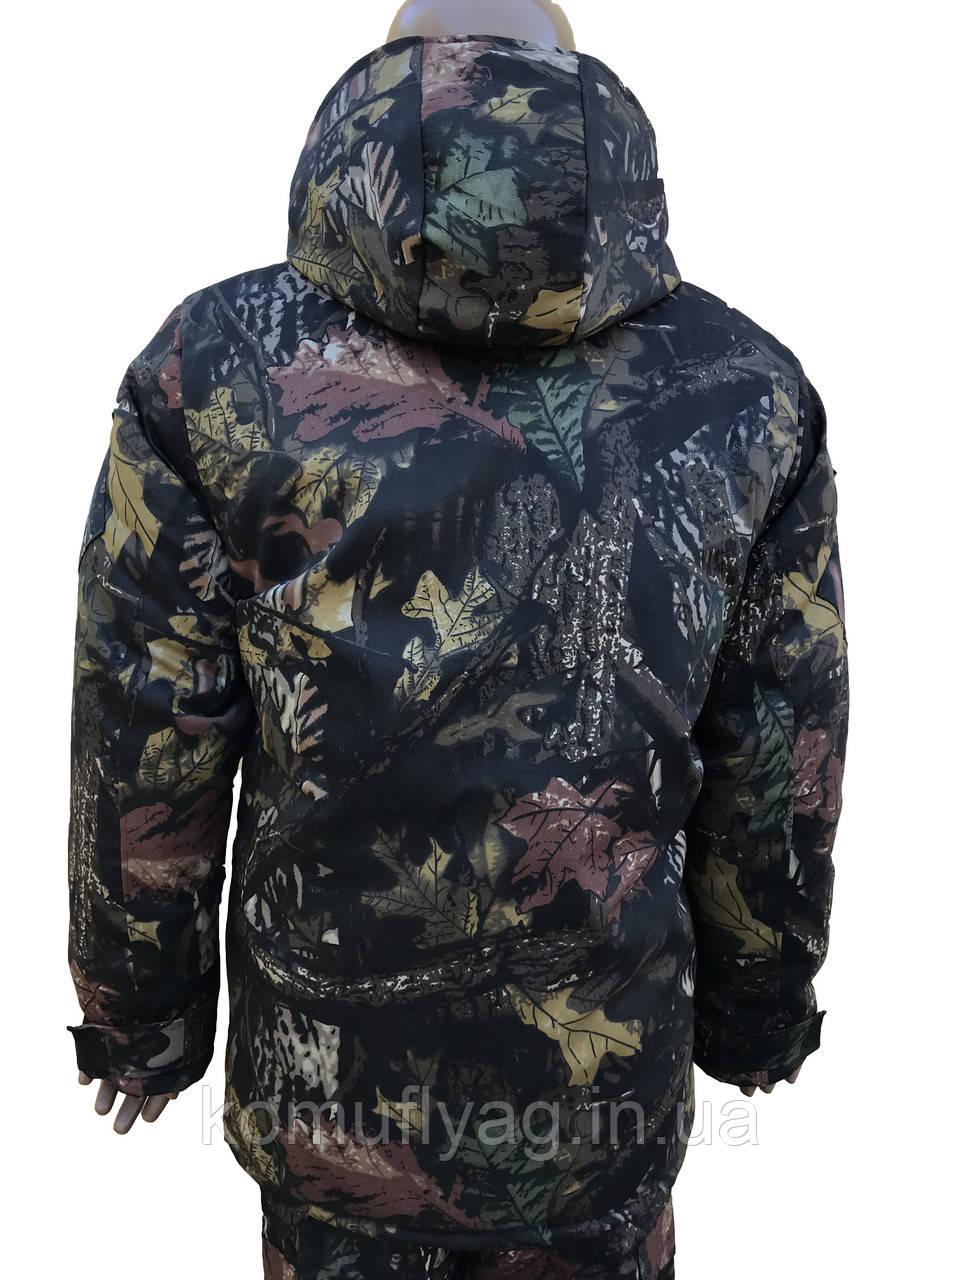 e5676dca4c1 Зимняя куртка для рыбалки и охоты: продажа, цена в Хмельницькій ...